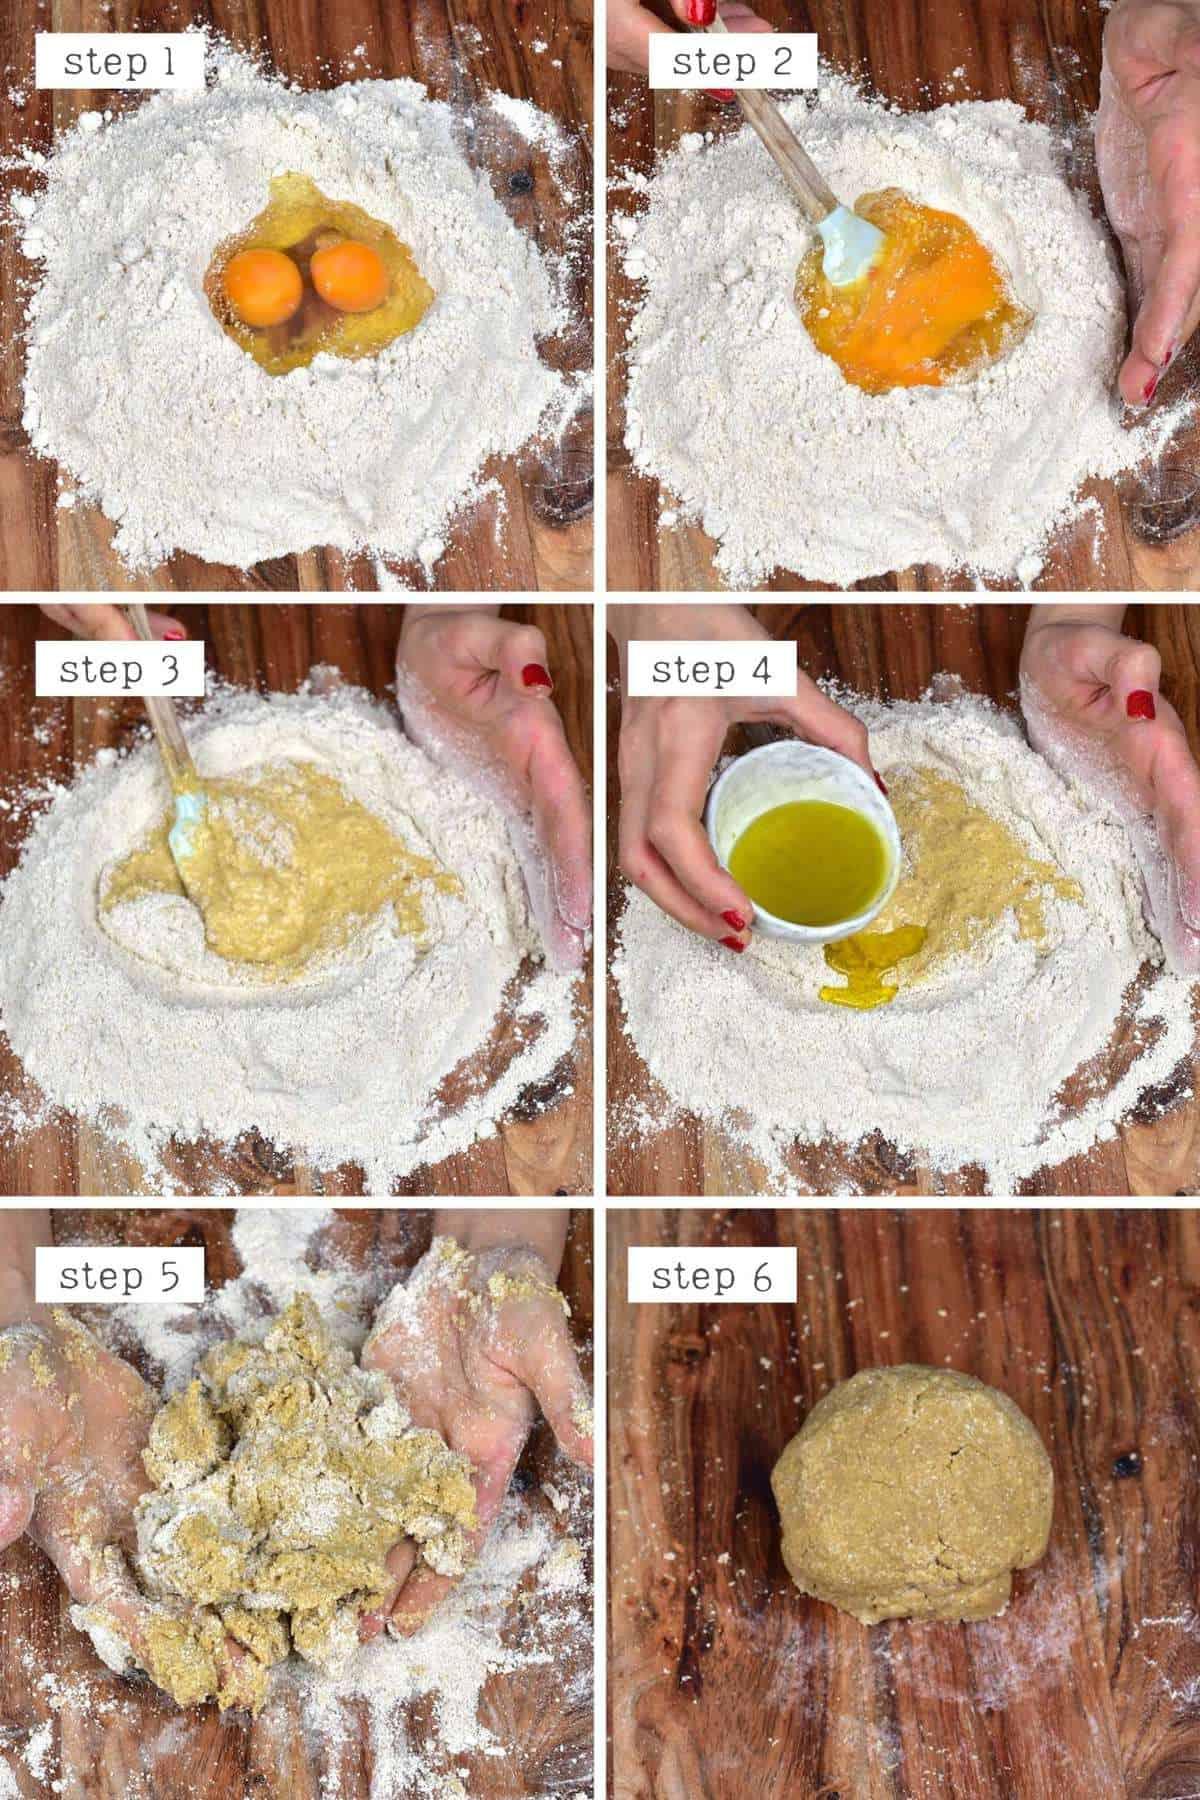 Steps for making oat flour pasta